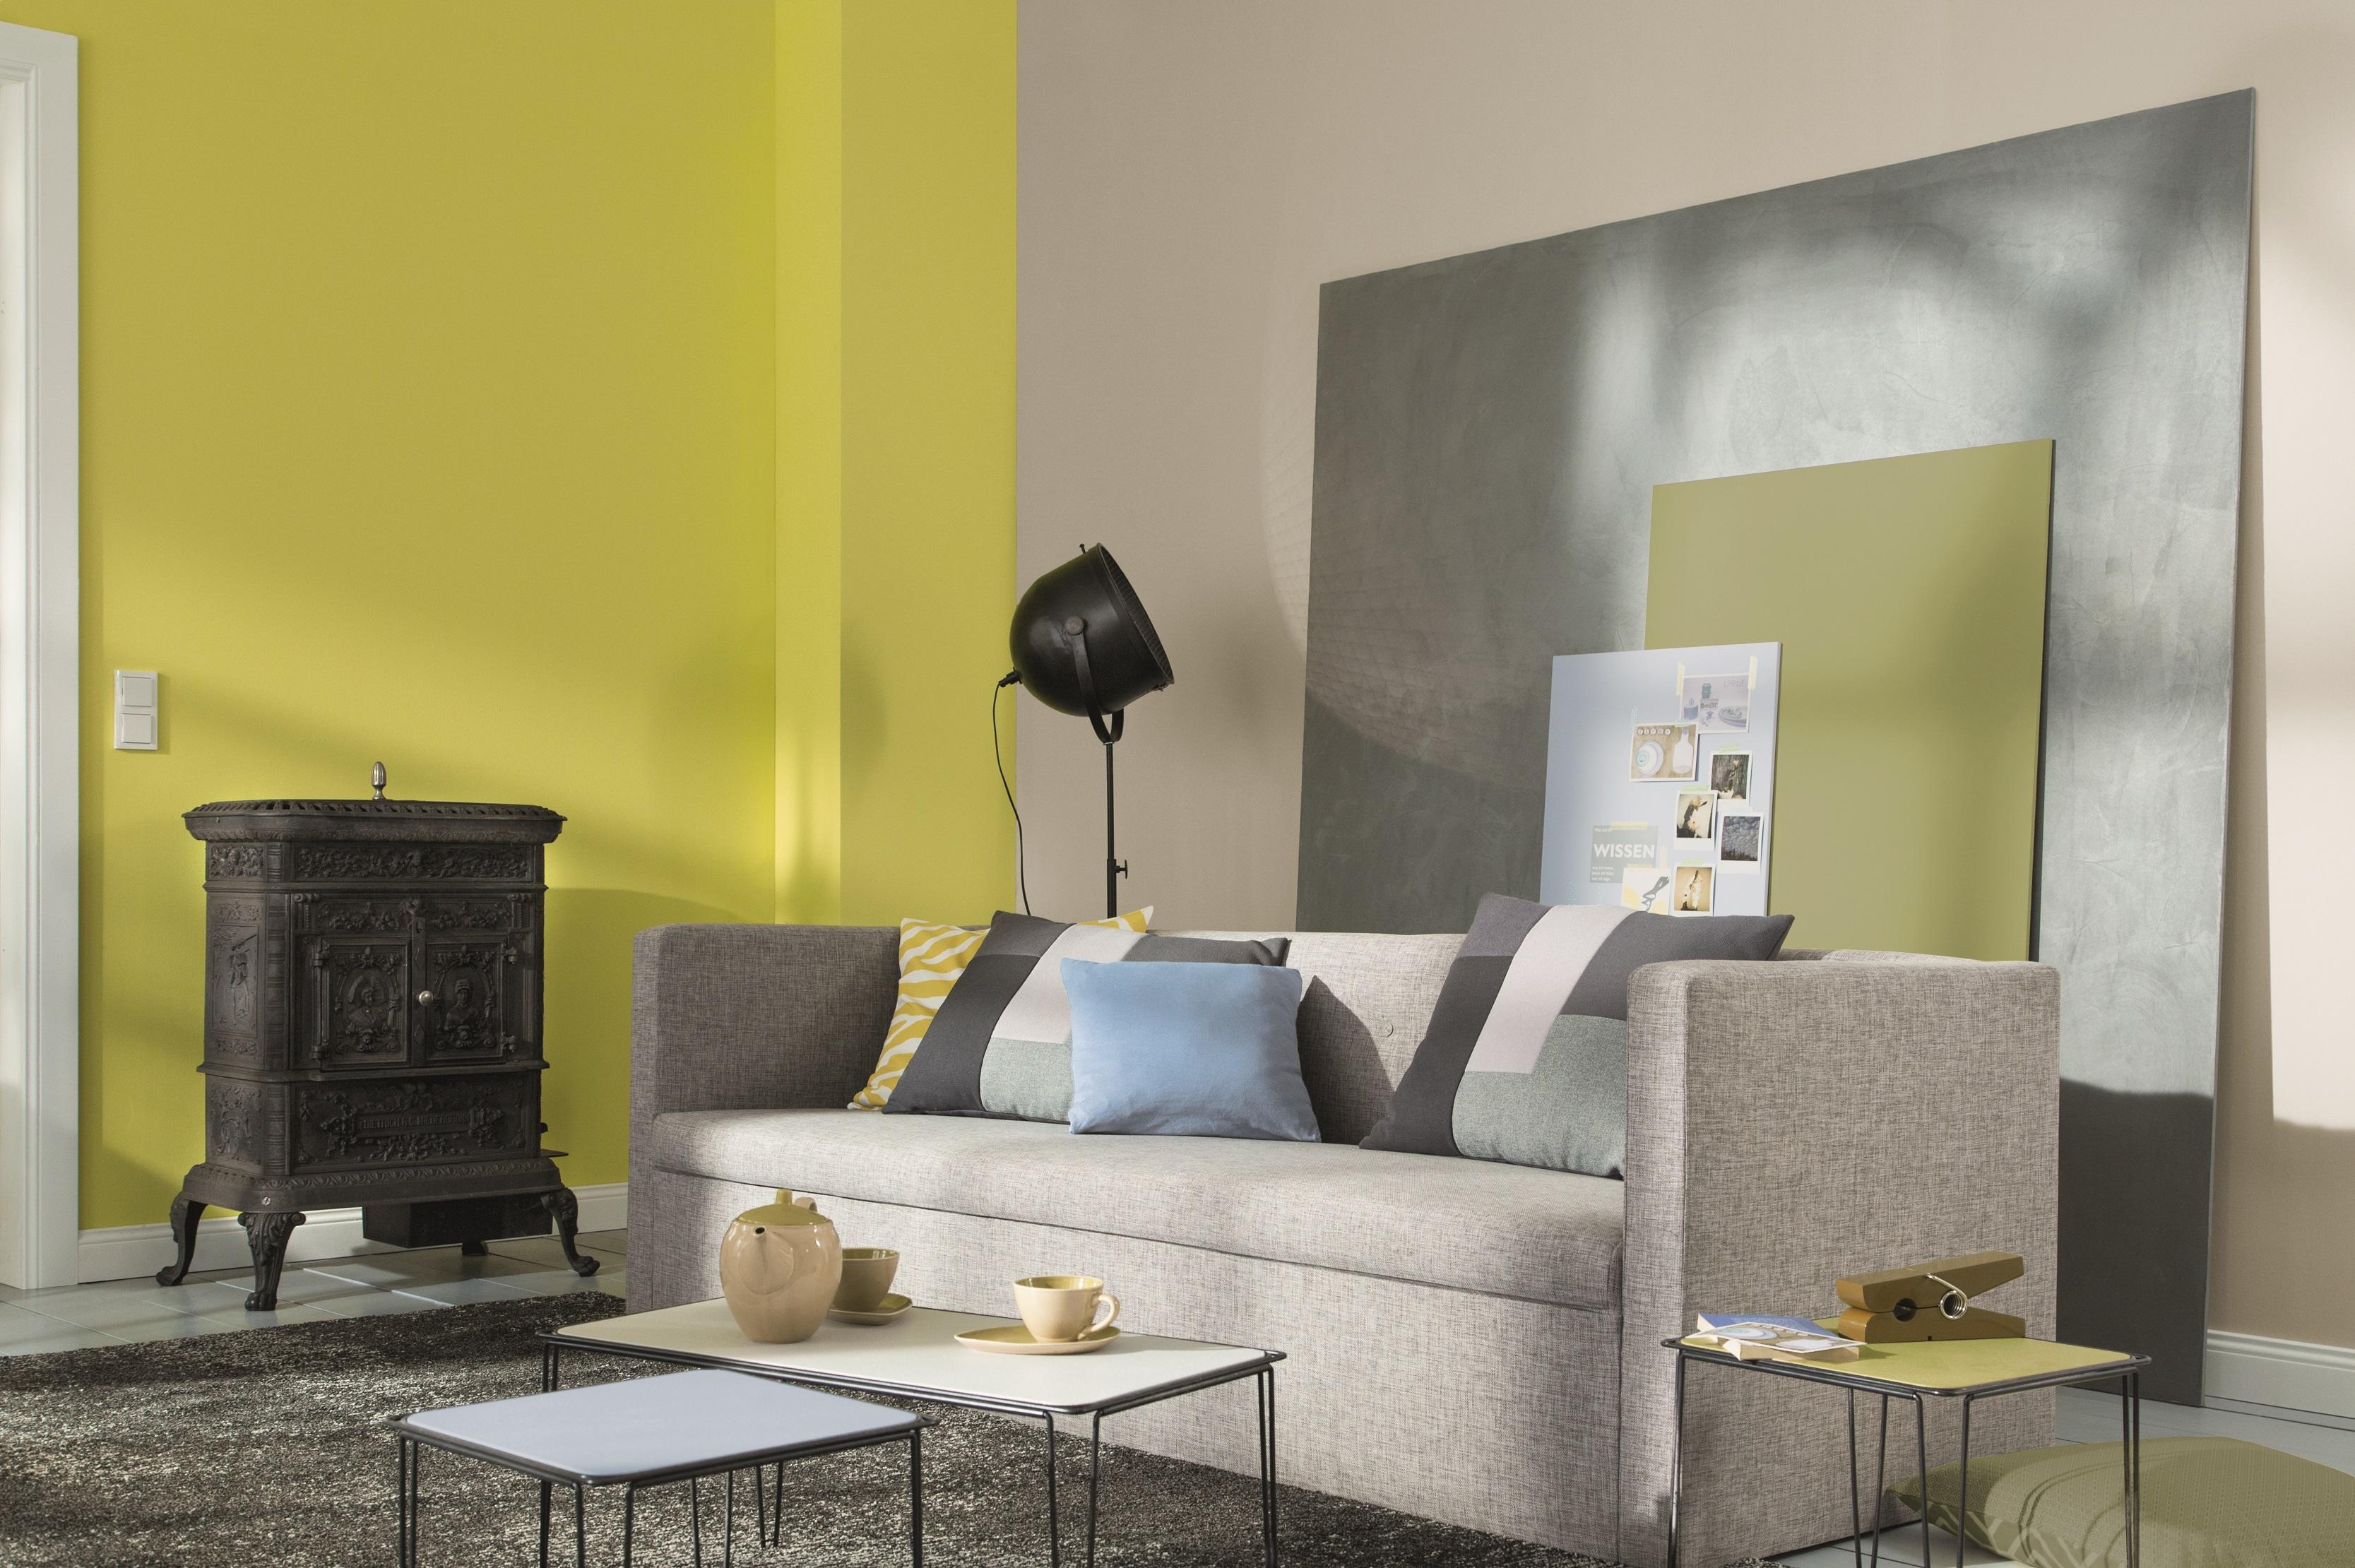 Farb wirkung von gelb im raum alpina farbe wirkung for Farben wand wirkung